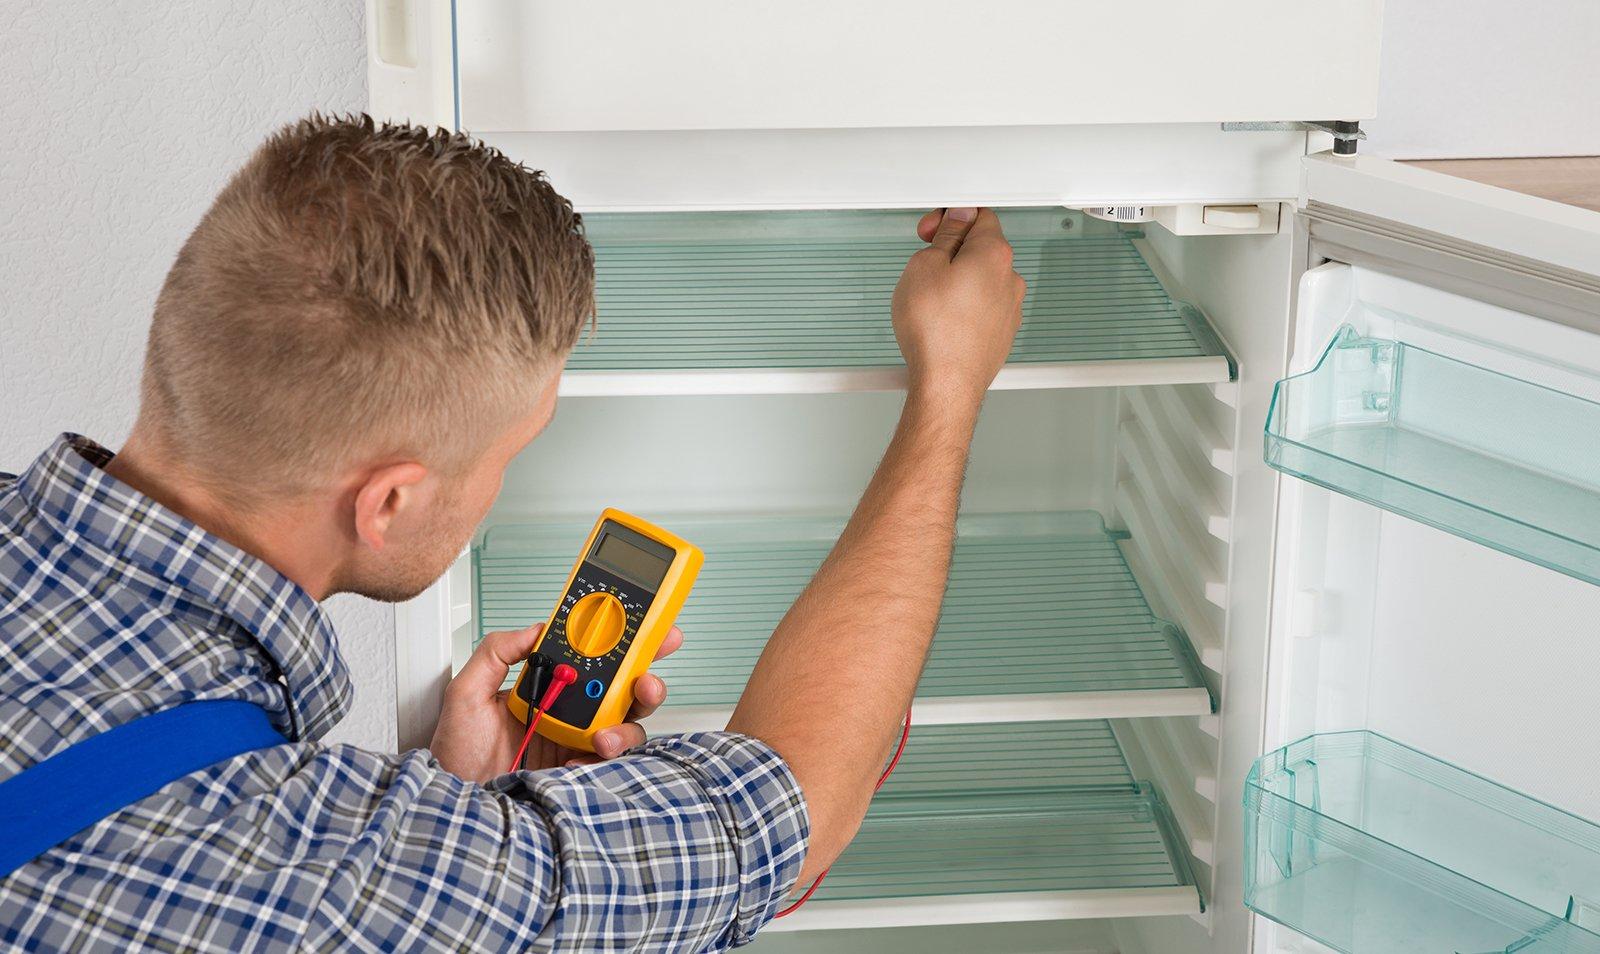 riparazione frigoriferi a palermo e provincia